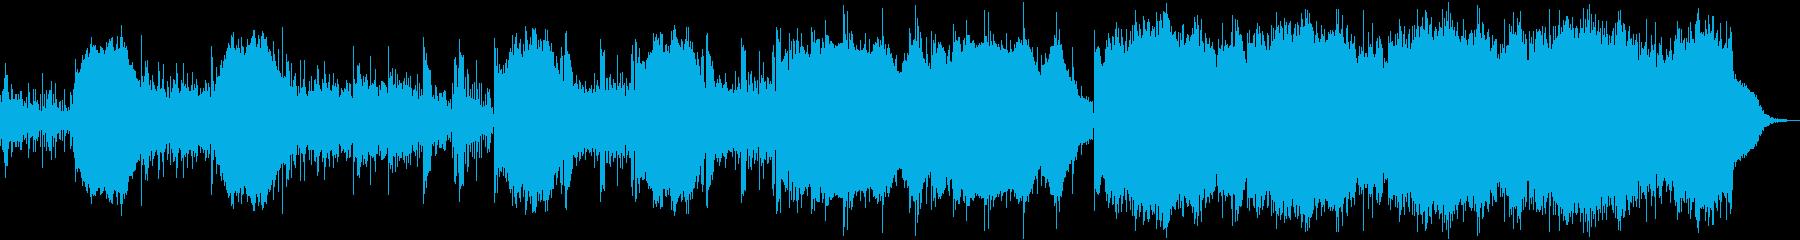 近未来感溢れるテクノミュージックの再生済みの波形